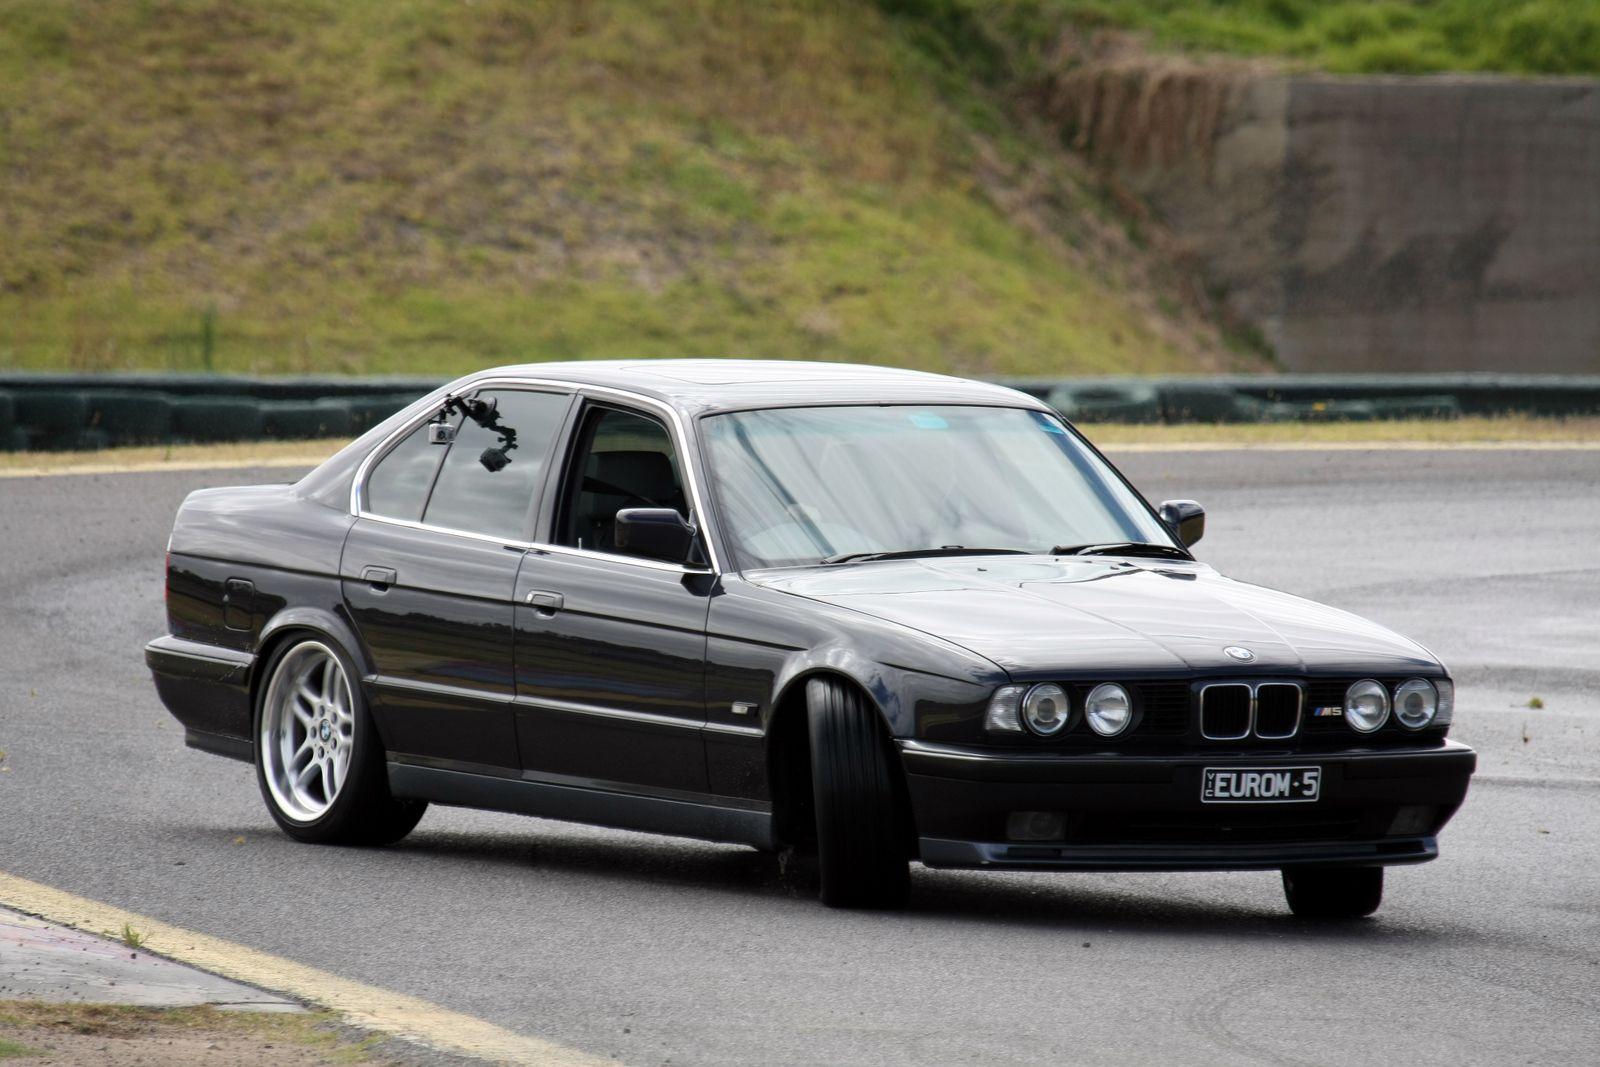 BMW M AUTOS Pinterest BMW M BMW And Cars - 1990 bmw m5